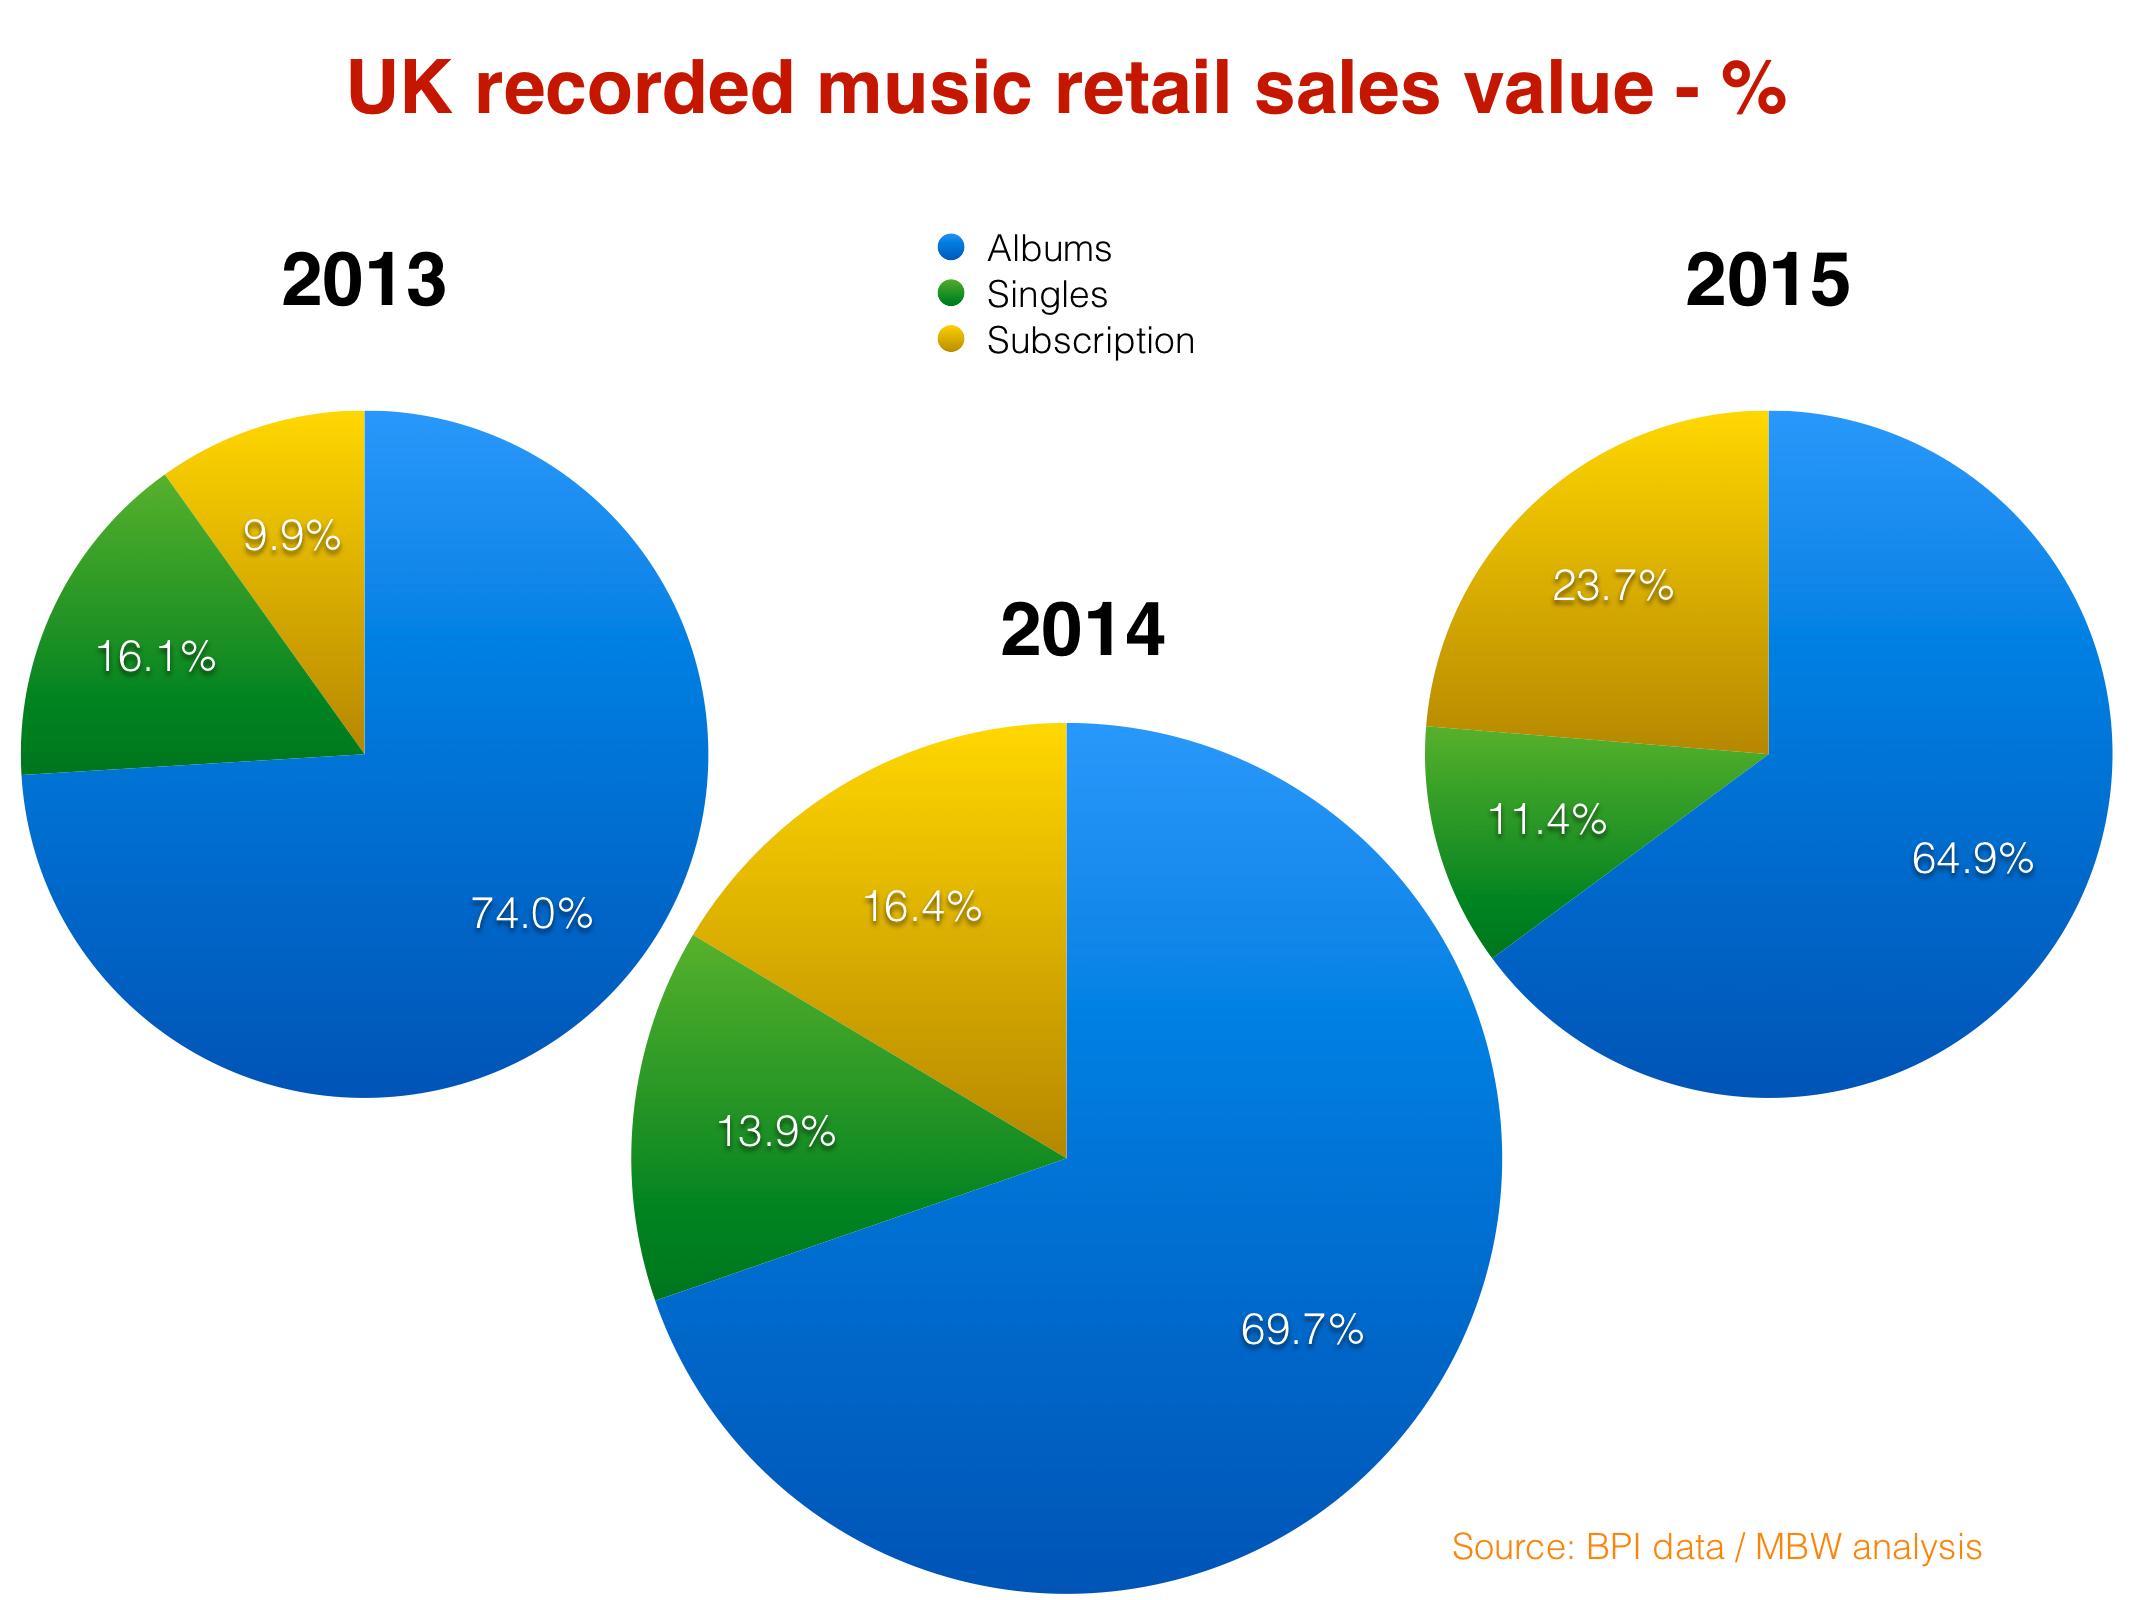 UKpercentages